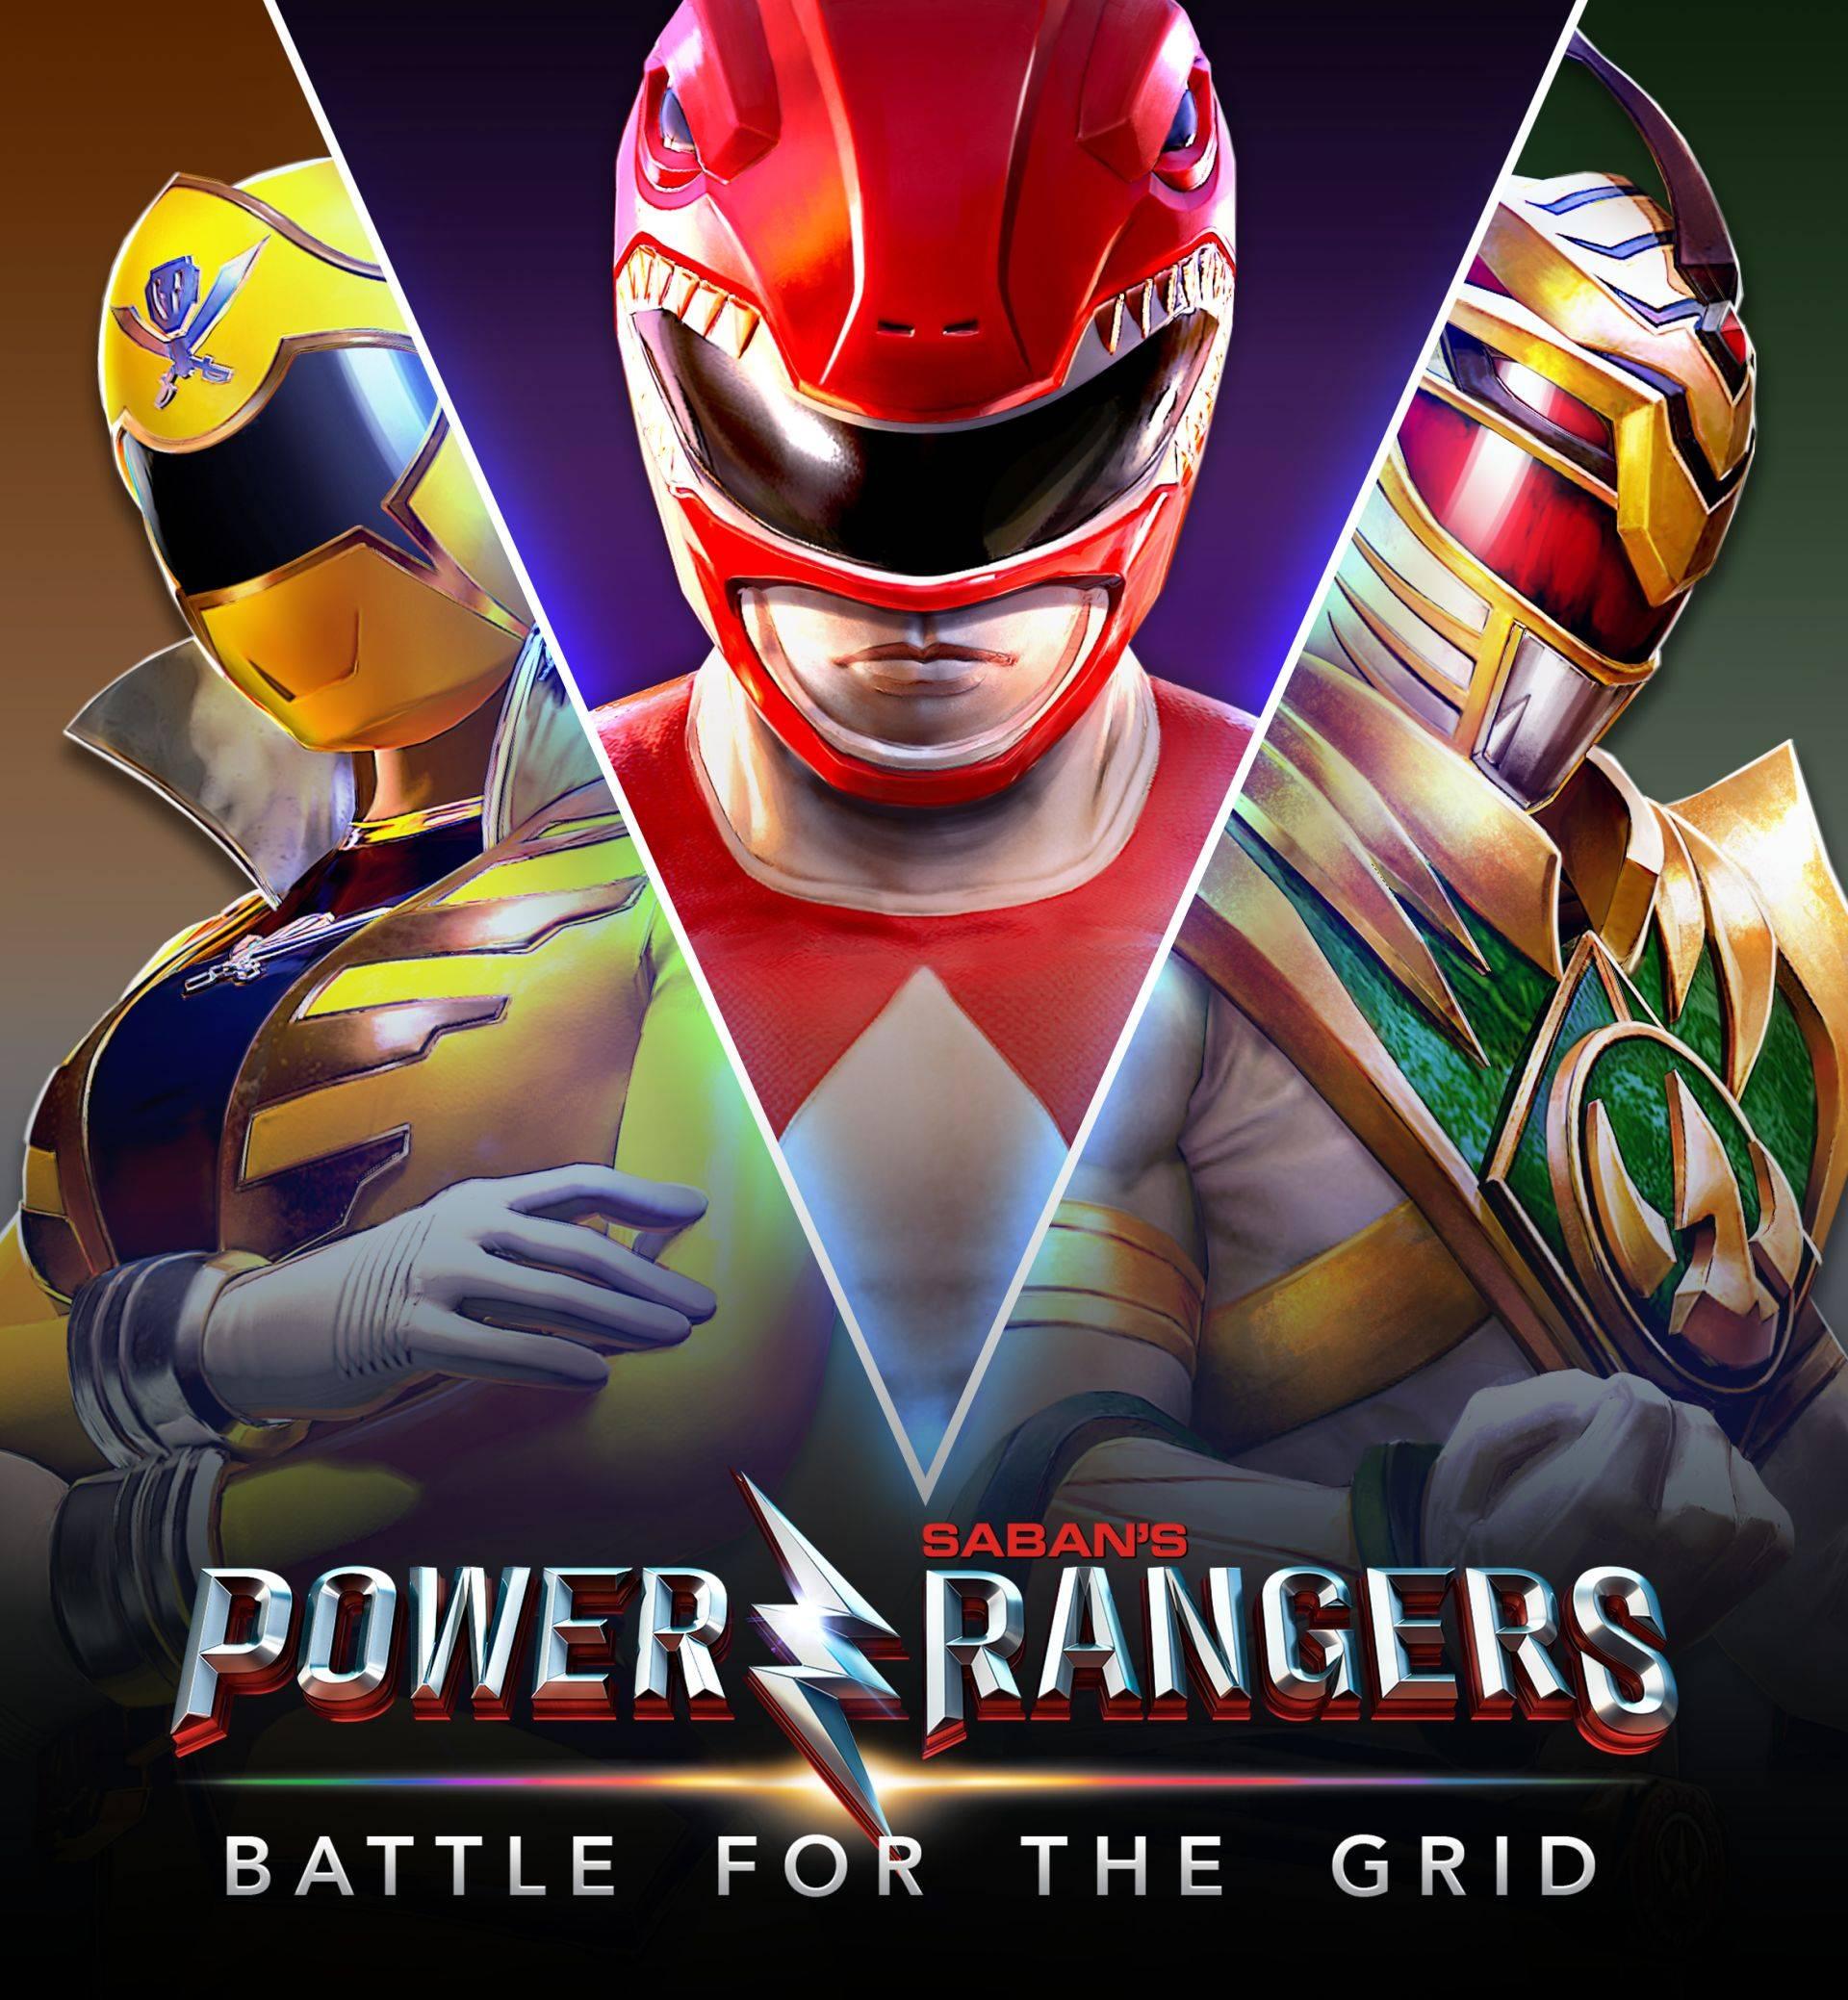 Los Power Rangers Tendran Un Nuevo Juego De Peleas Para Ps4 Xbox